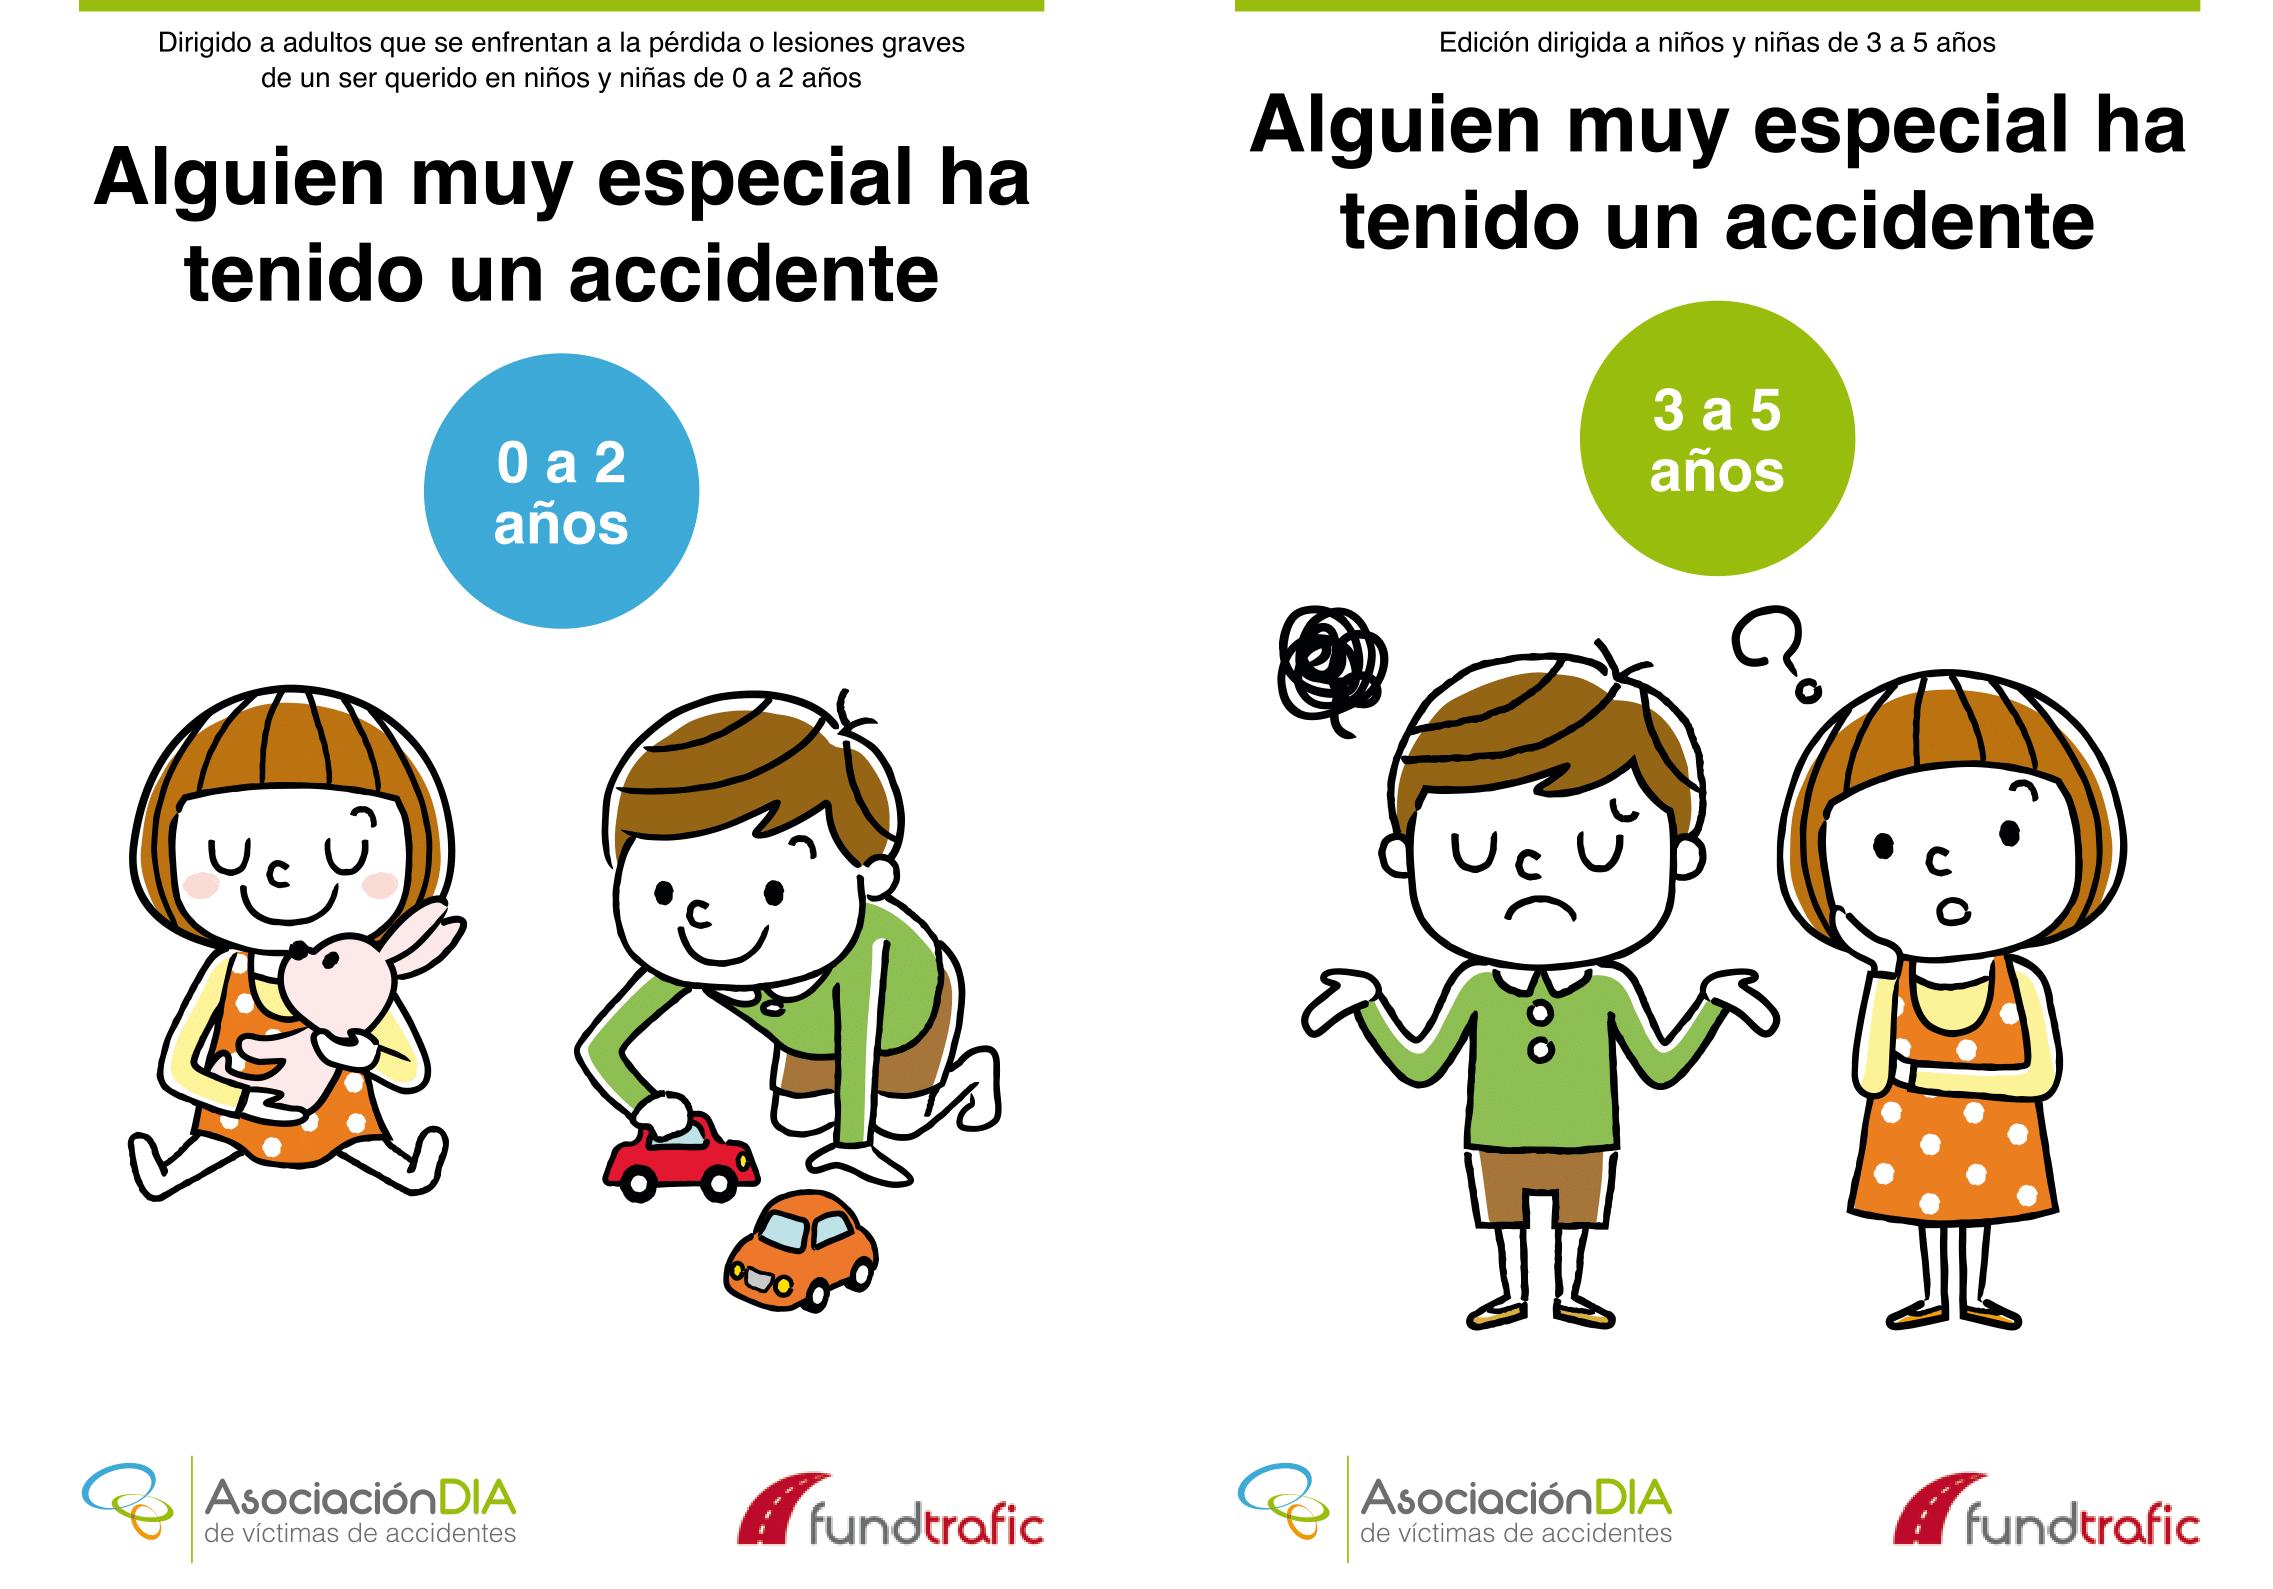 Alguien muy especial ha tenido un accidente -niños-as Asociación DIA